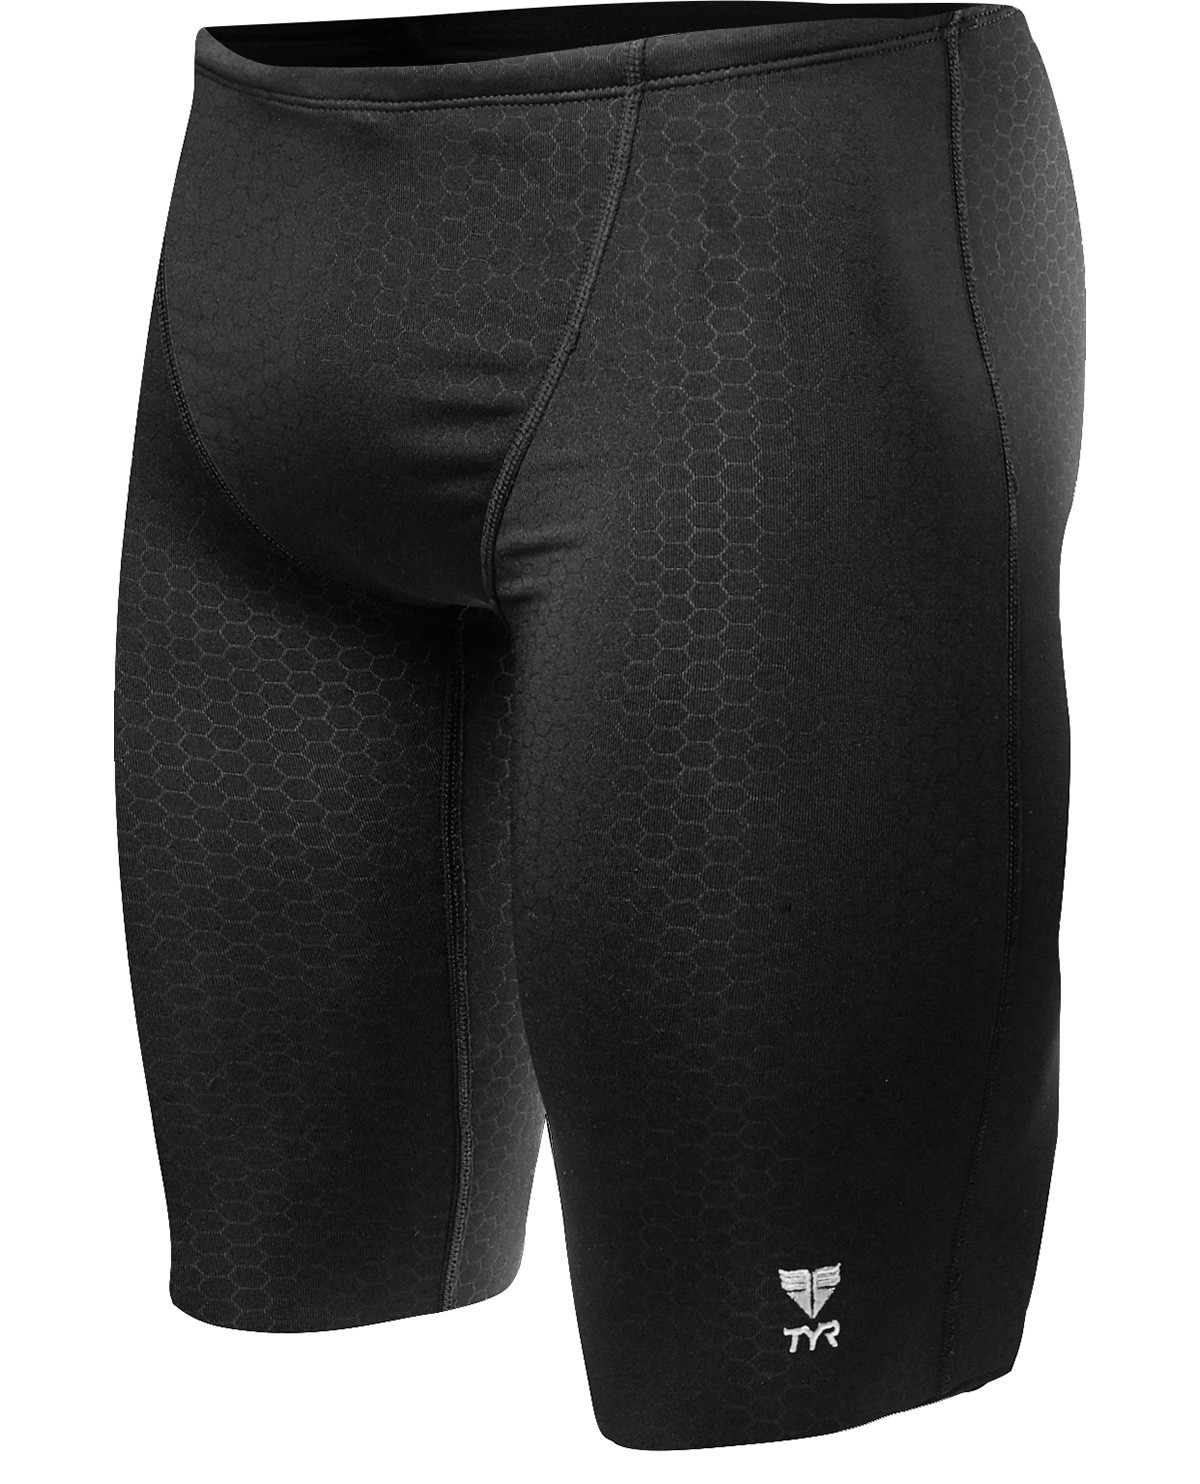 6d5b3e8802203 Gift Ideas for Men - TYR Men's Hexa Jammer Swimsuit ...